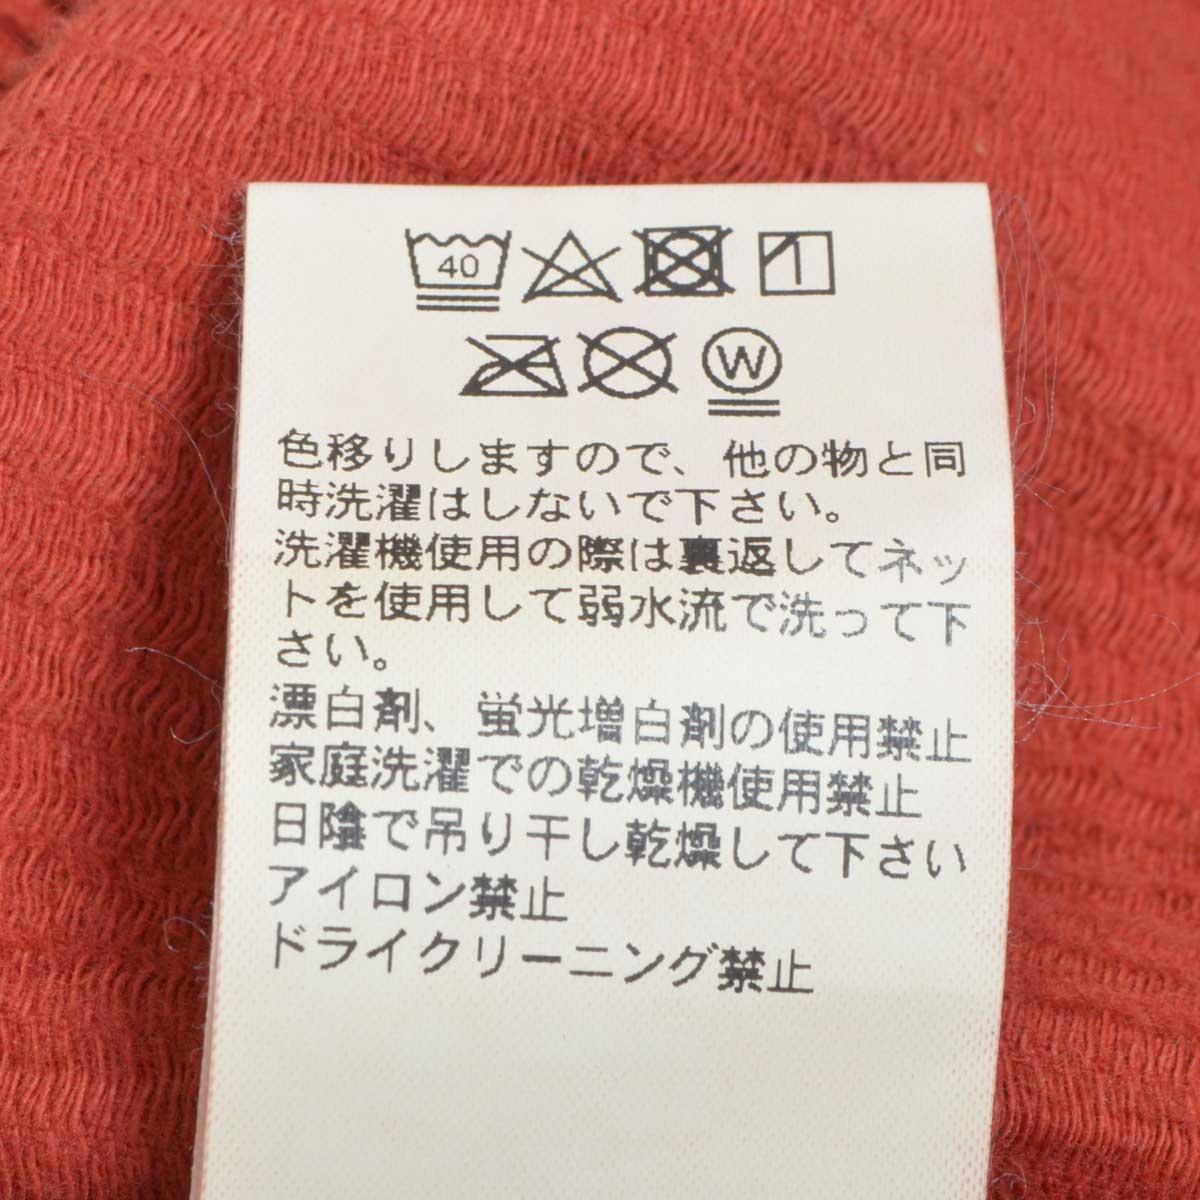 【SALE】Sweet Camel ■暖■ コーデュロイダブルタックワイド CA6434